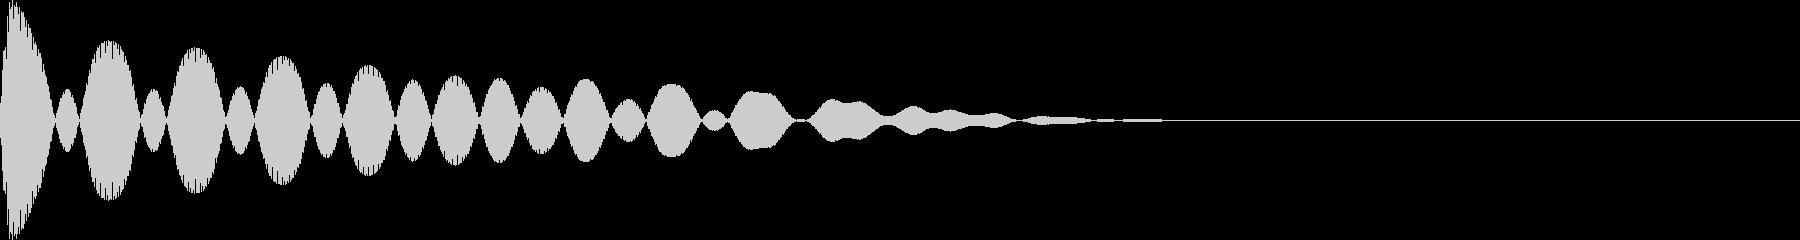 ピョイ(超音波/レーザー電子音/かわいいの未再生の波形